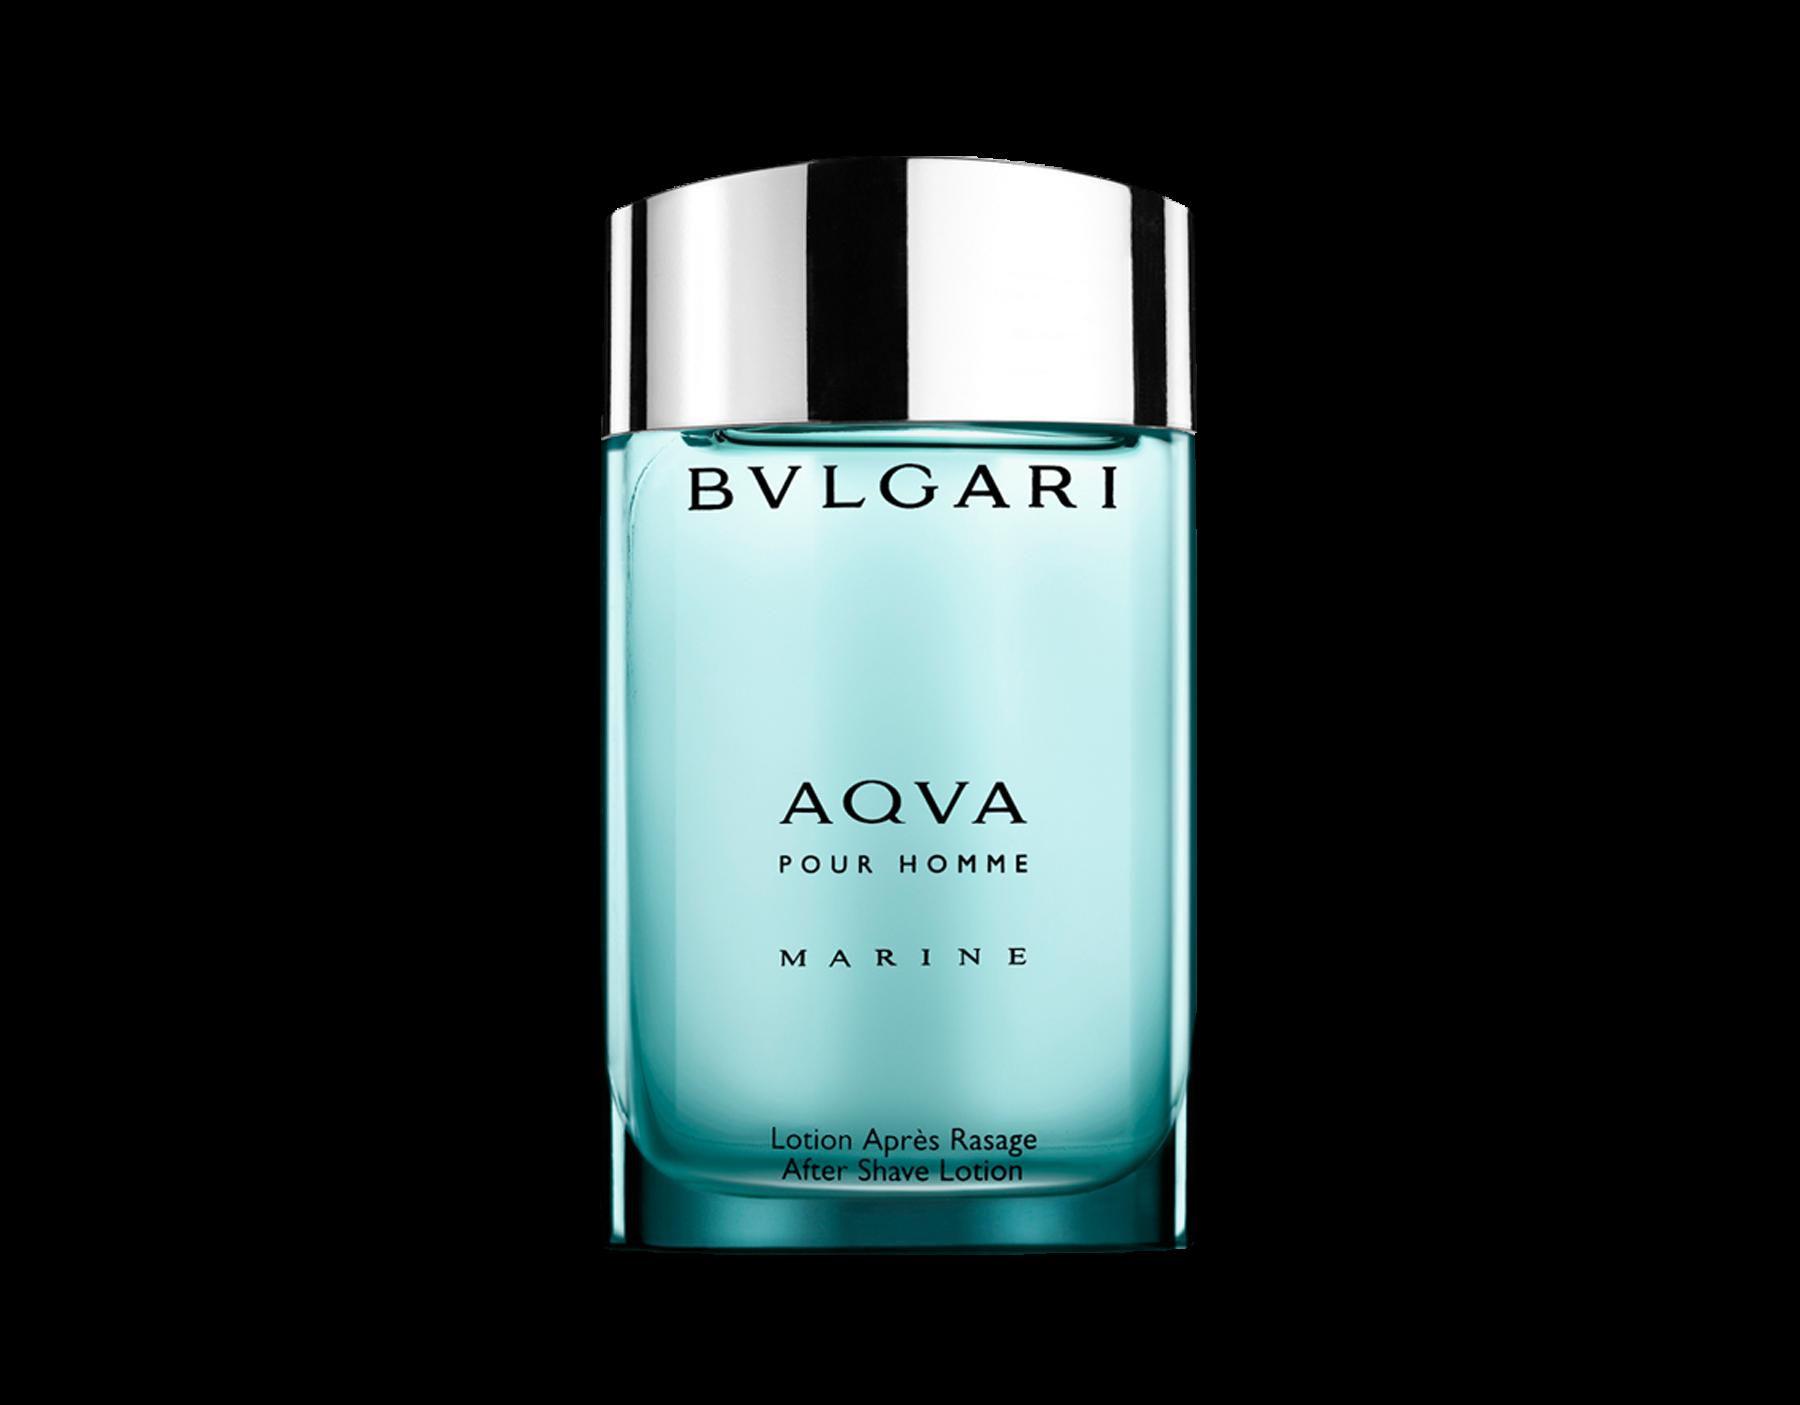 Image of Bulgari Aqua Pour Homme Marine Emulsiona Dopobarba 100ml P00005732